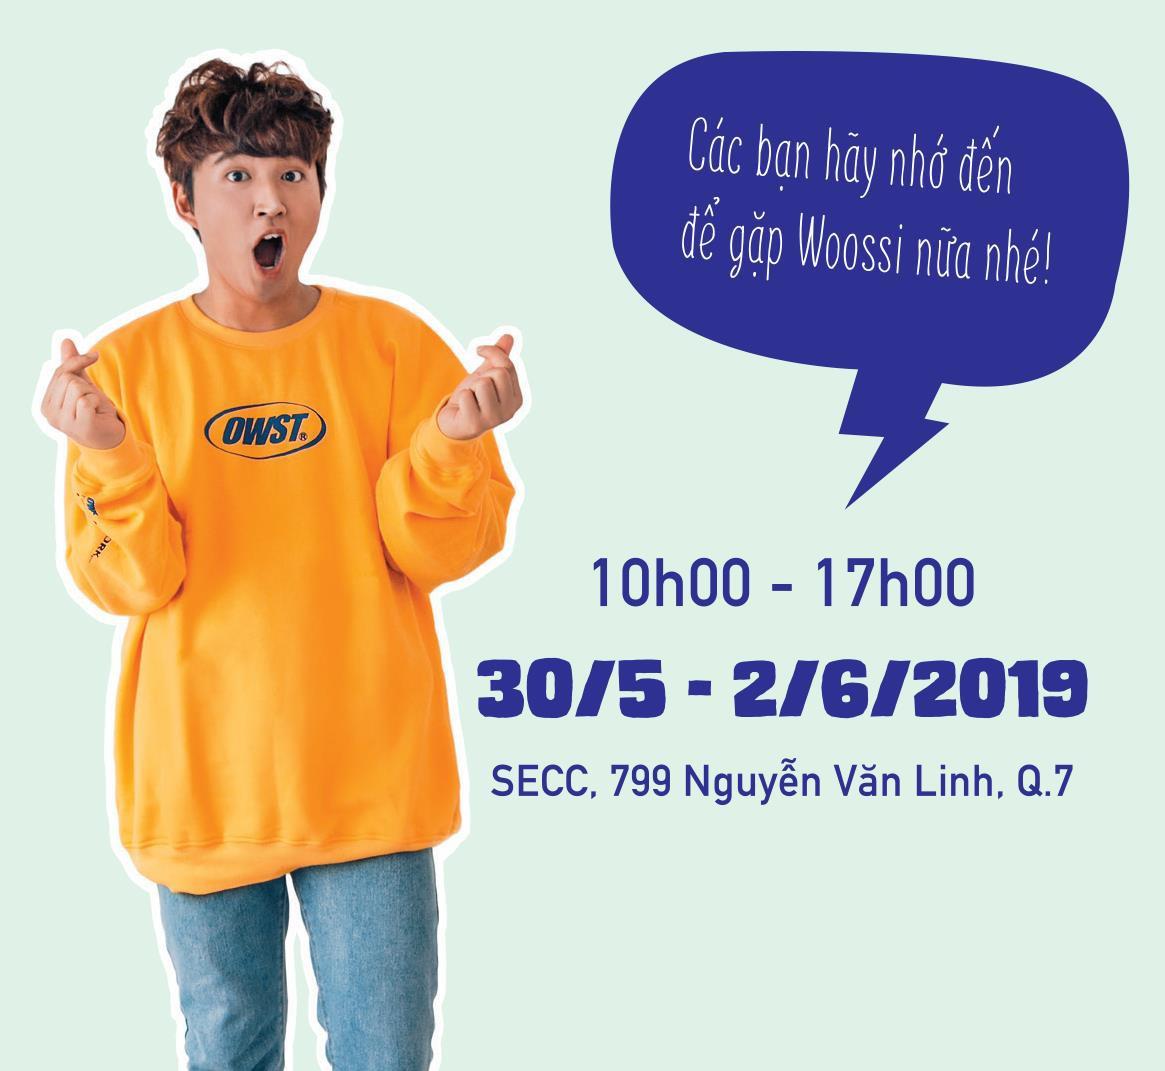 Sự kiện đặc biệt quy tụ hàng trăm thương hiệu cao cấp Hàn Quốc, chỉ có ở K - Venture 2019! - Ảnh 1.